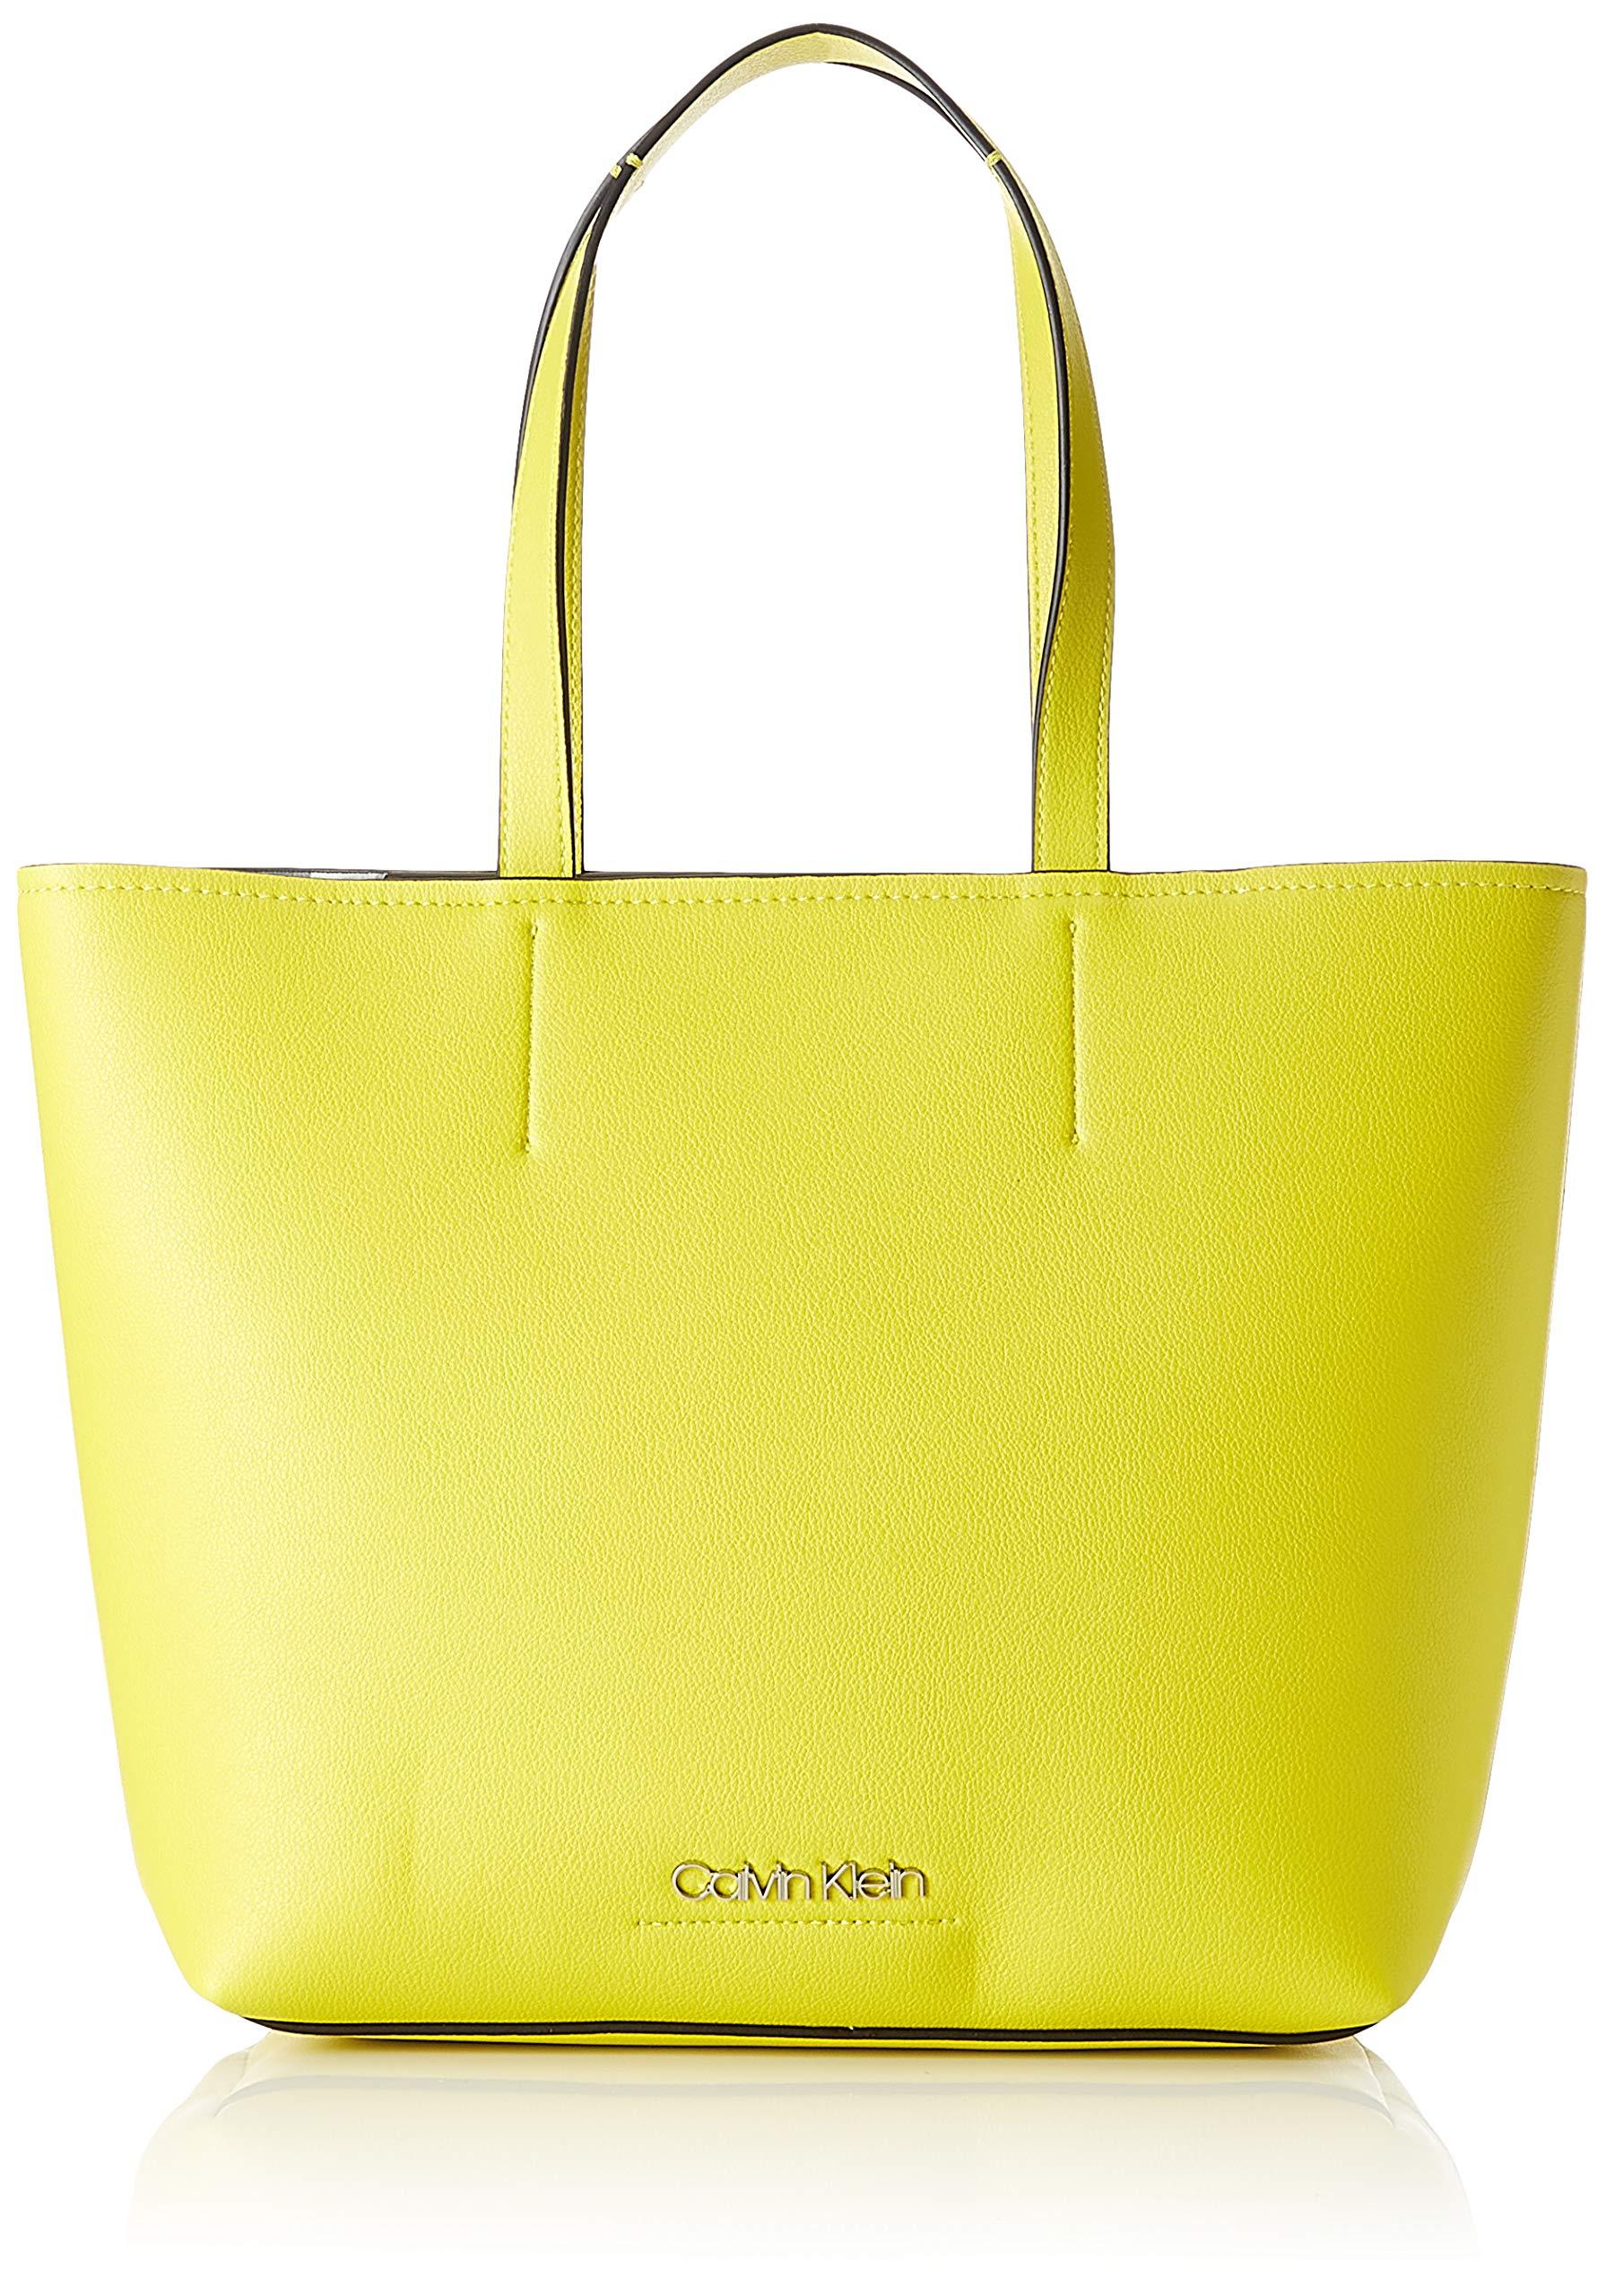 Cmb ShopperCabas FemmeVertlime13x28x33 Klein Must Ck Medium H Calvin T X yIYbf67gv